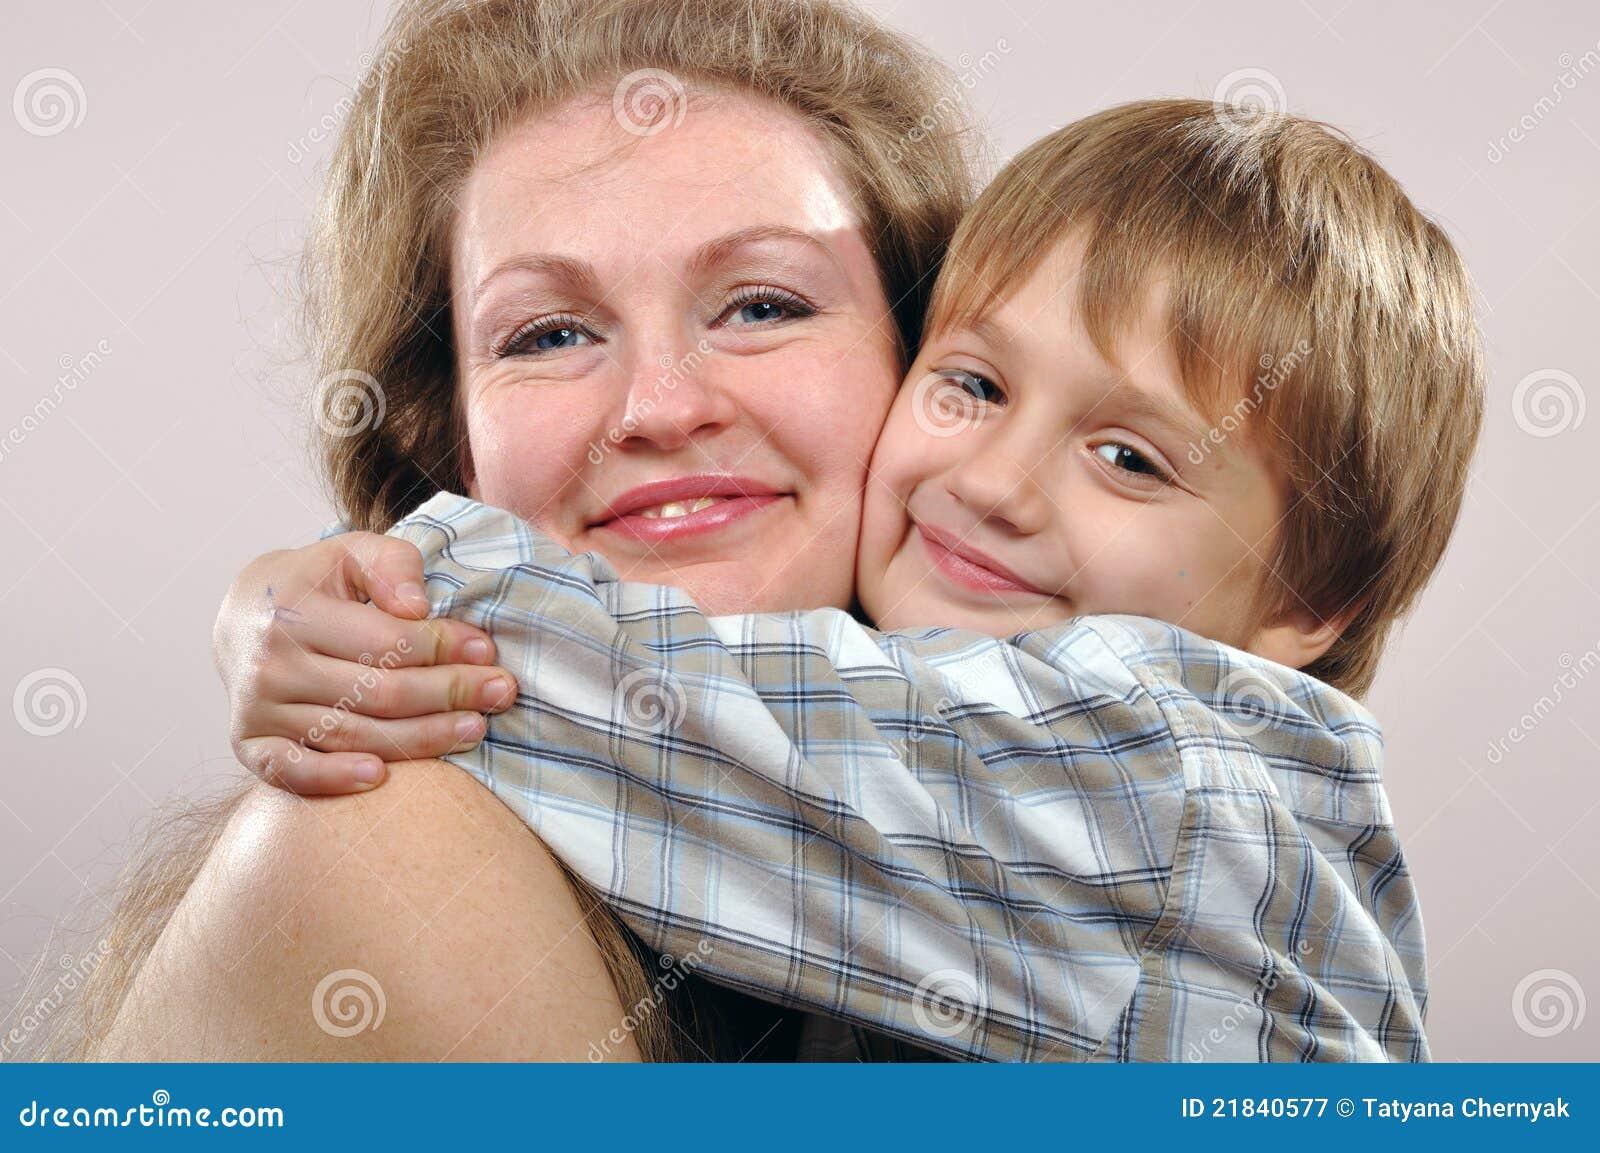 14 madre e hijo - photo #8